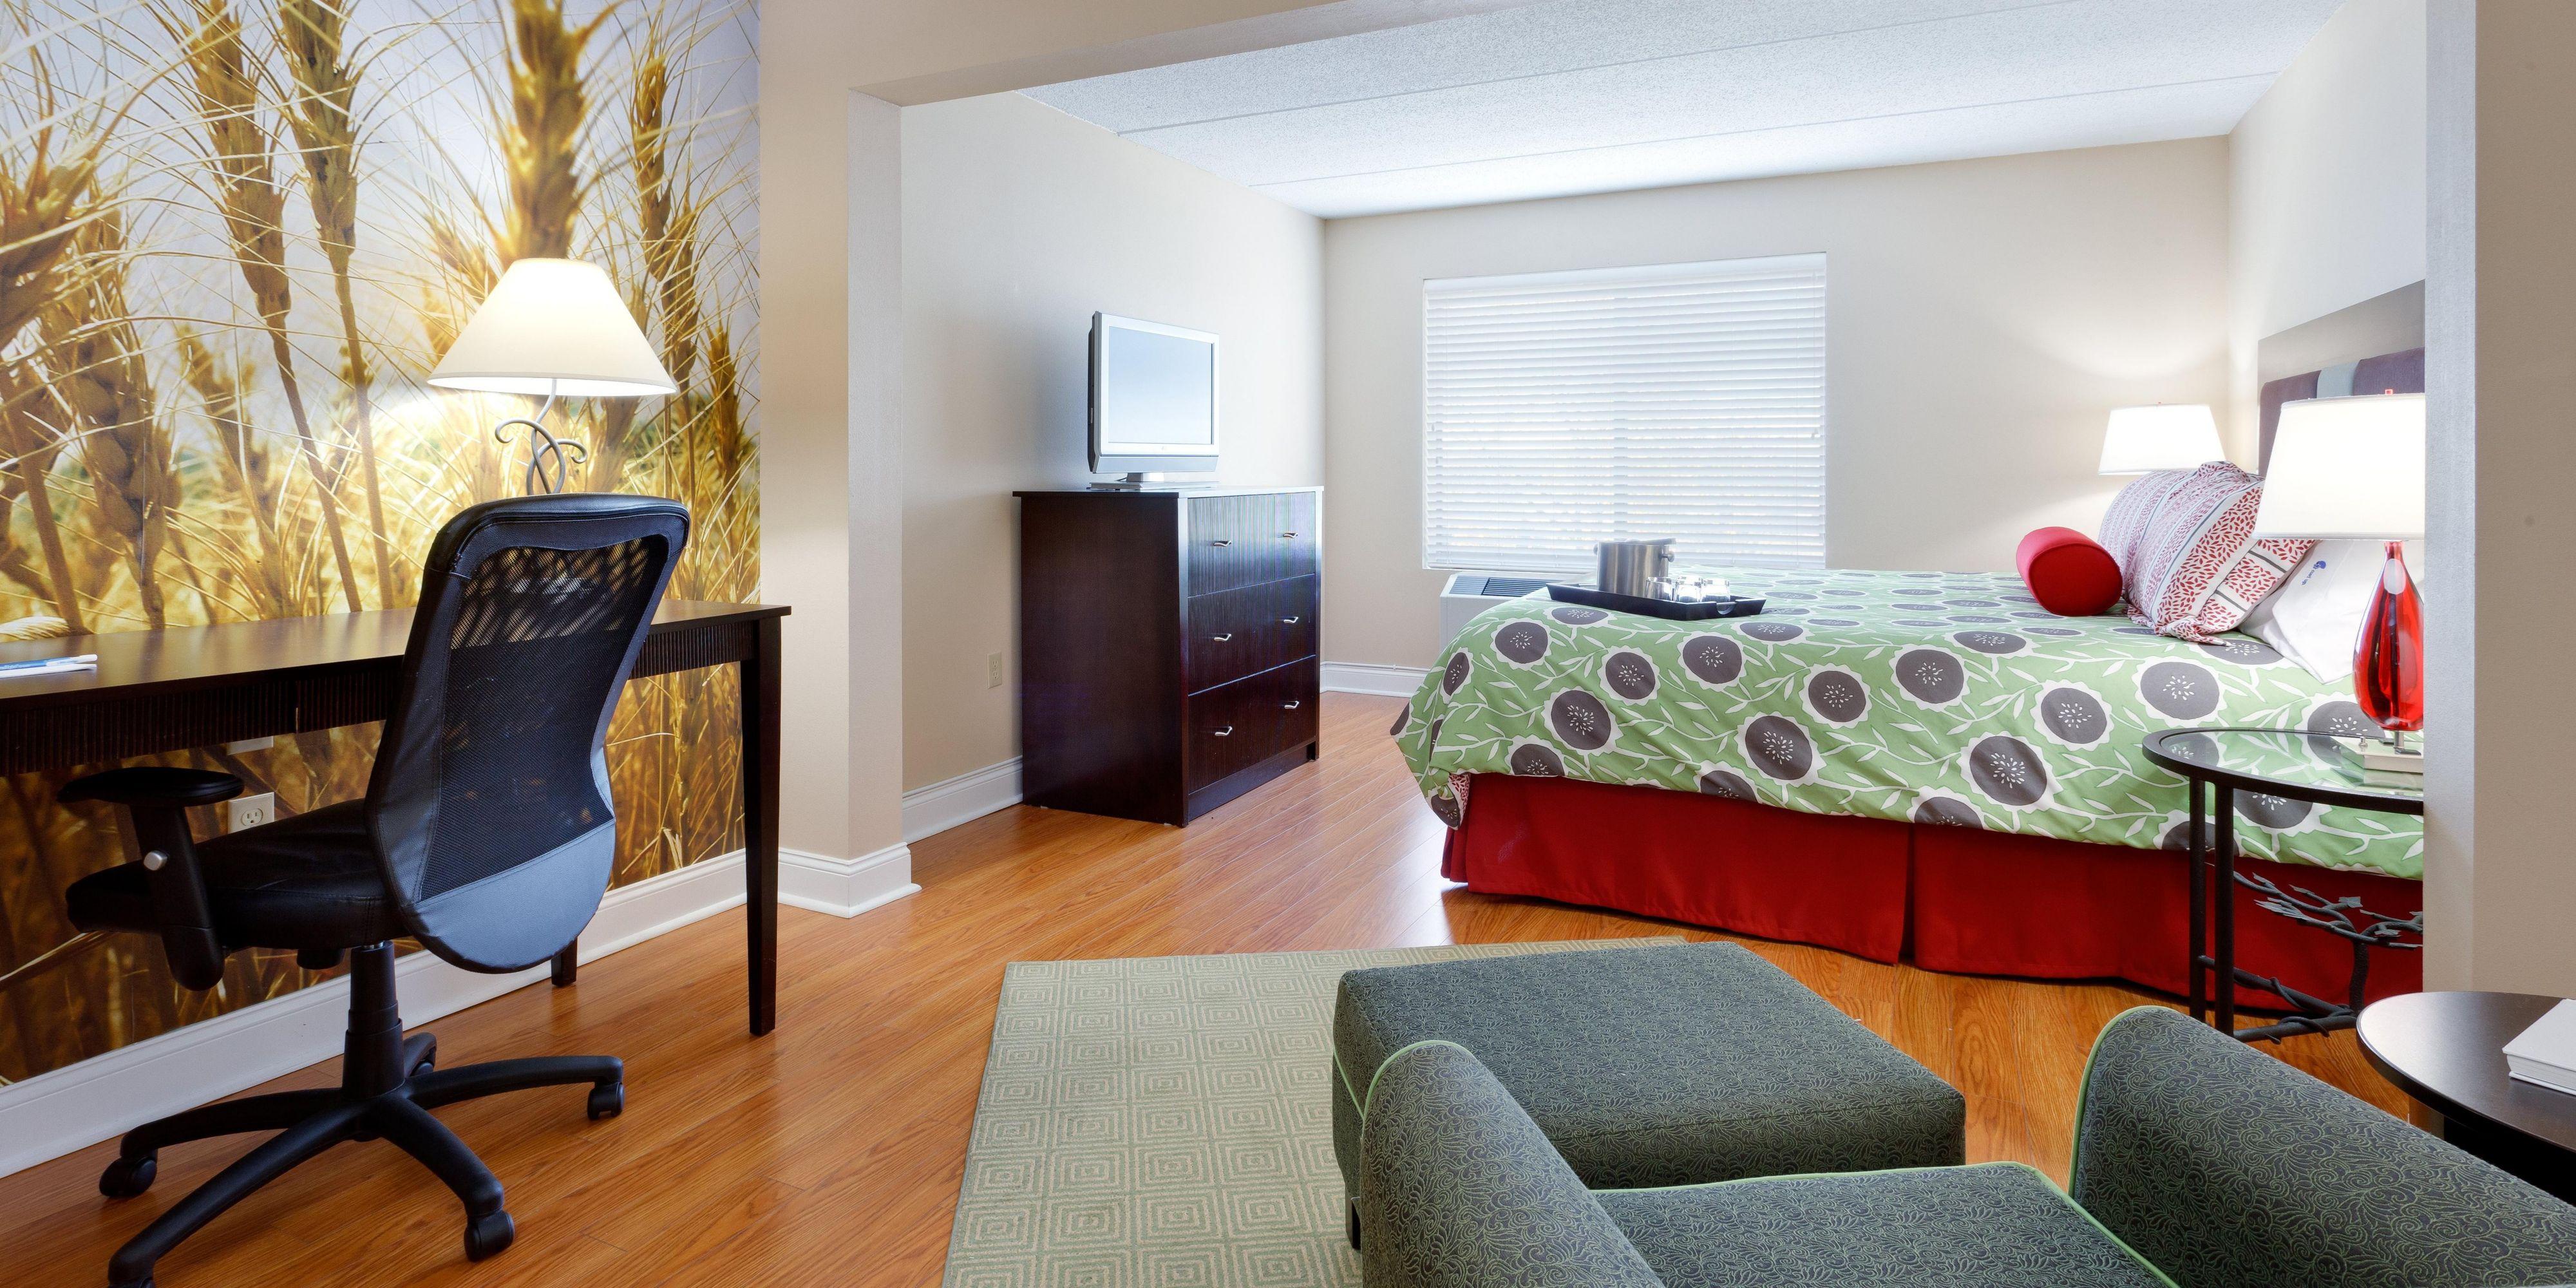 Hotel Indigo Albany Latham image 1